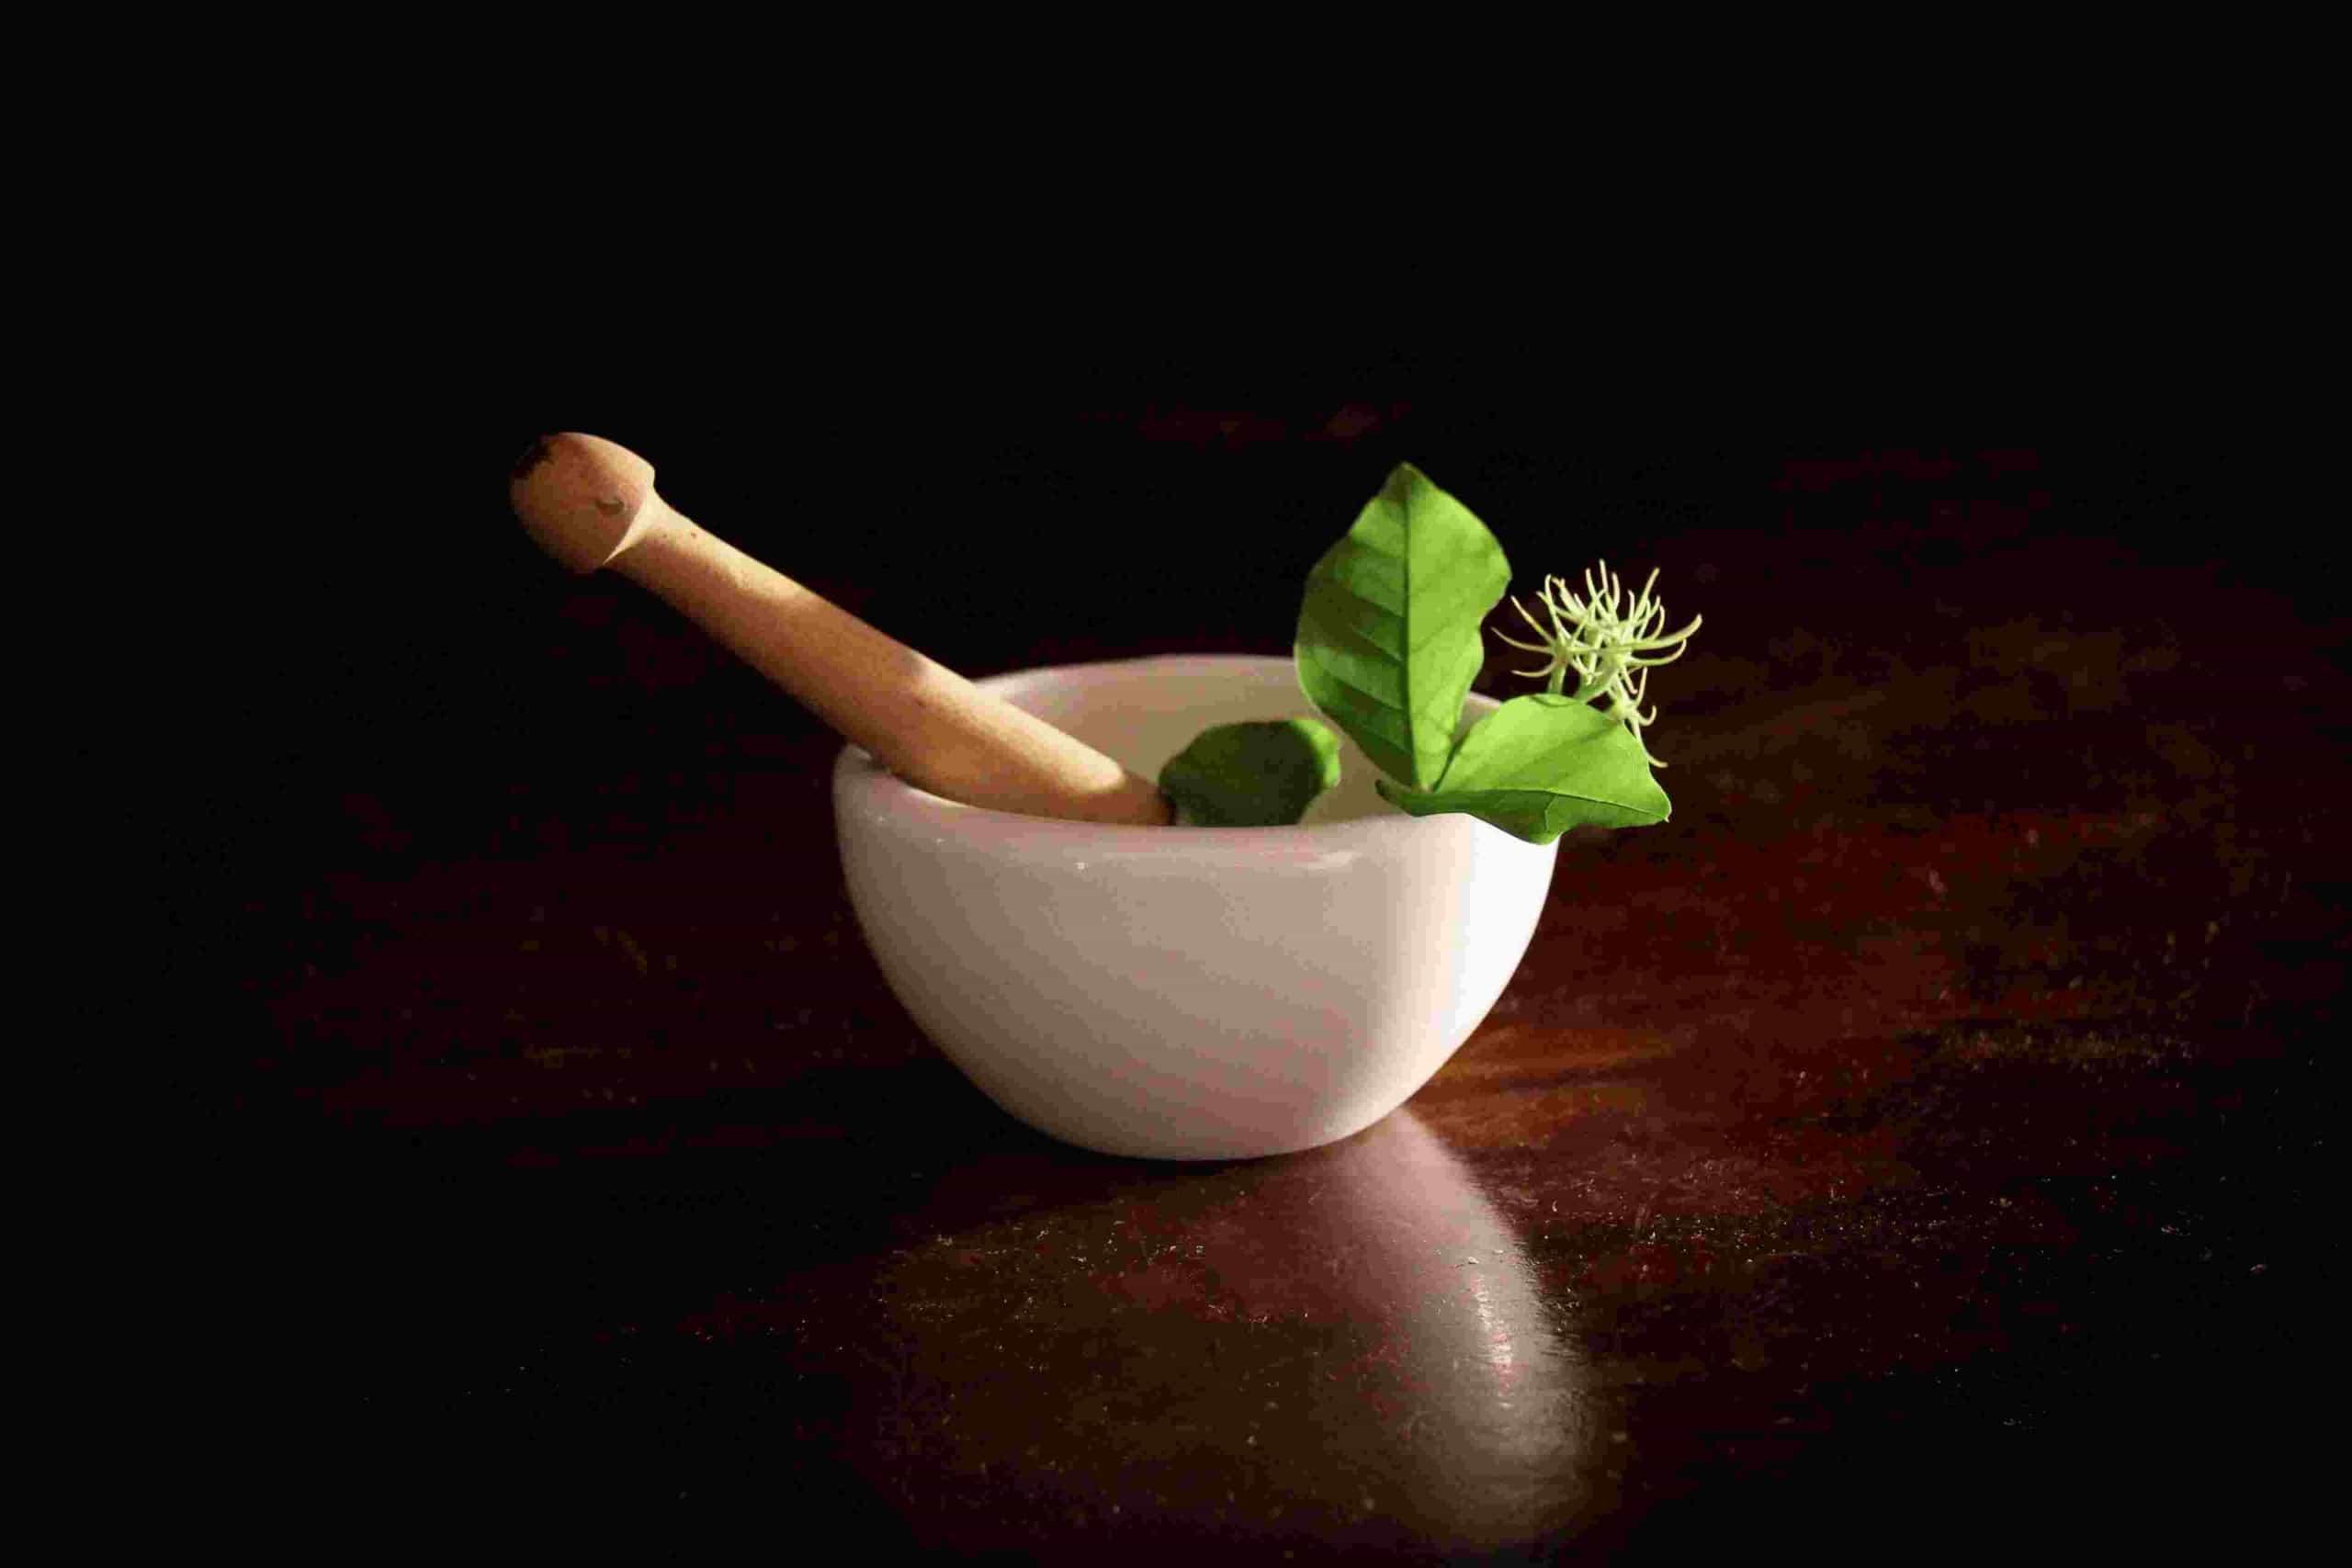 Ashwagandha is an ancient medicinal herb.